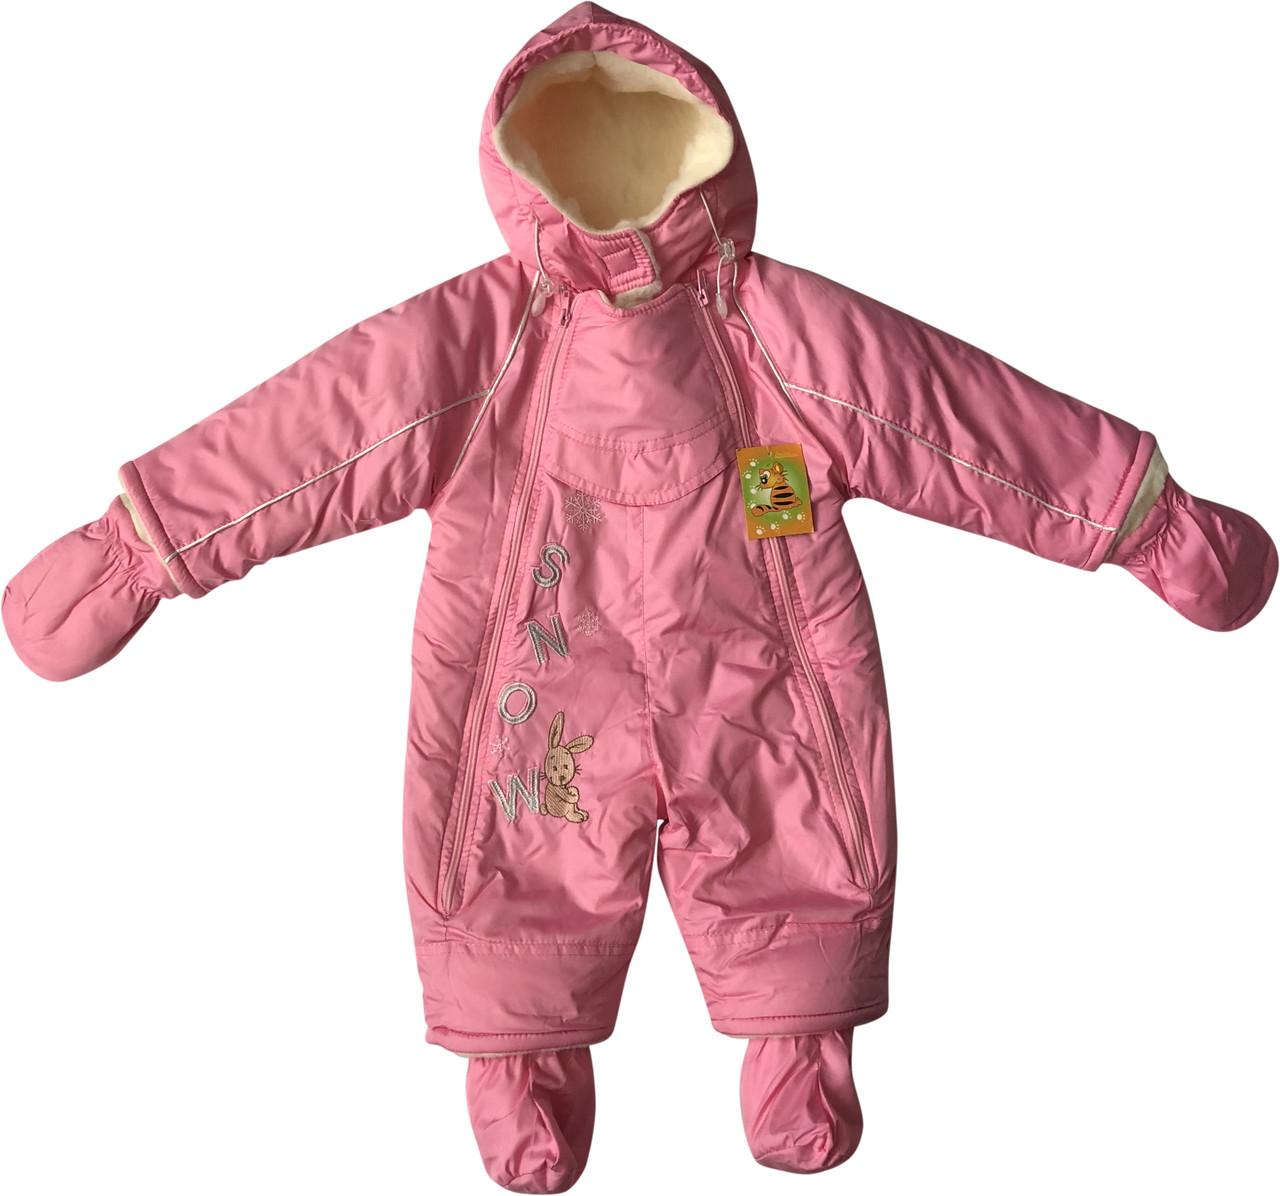 Зимовий комбінезон для новонароджених ріст 74 6-9 міс на дівчинку малюків дитячий суцільний овчина рожевий